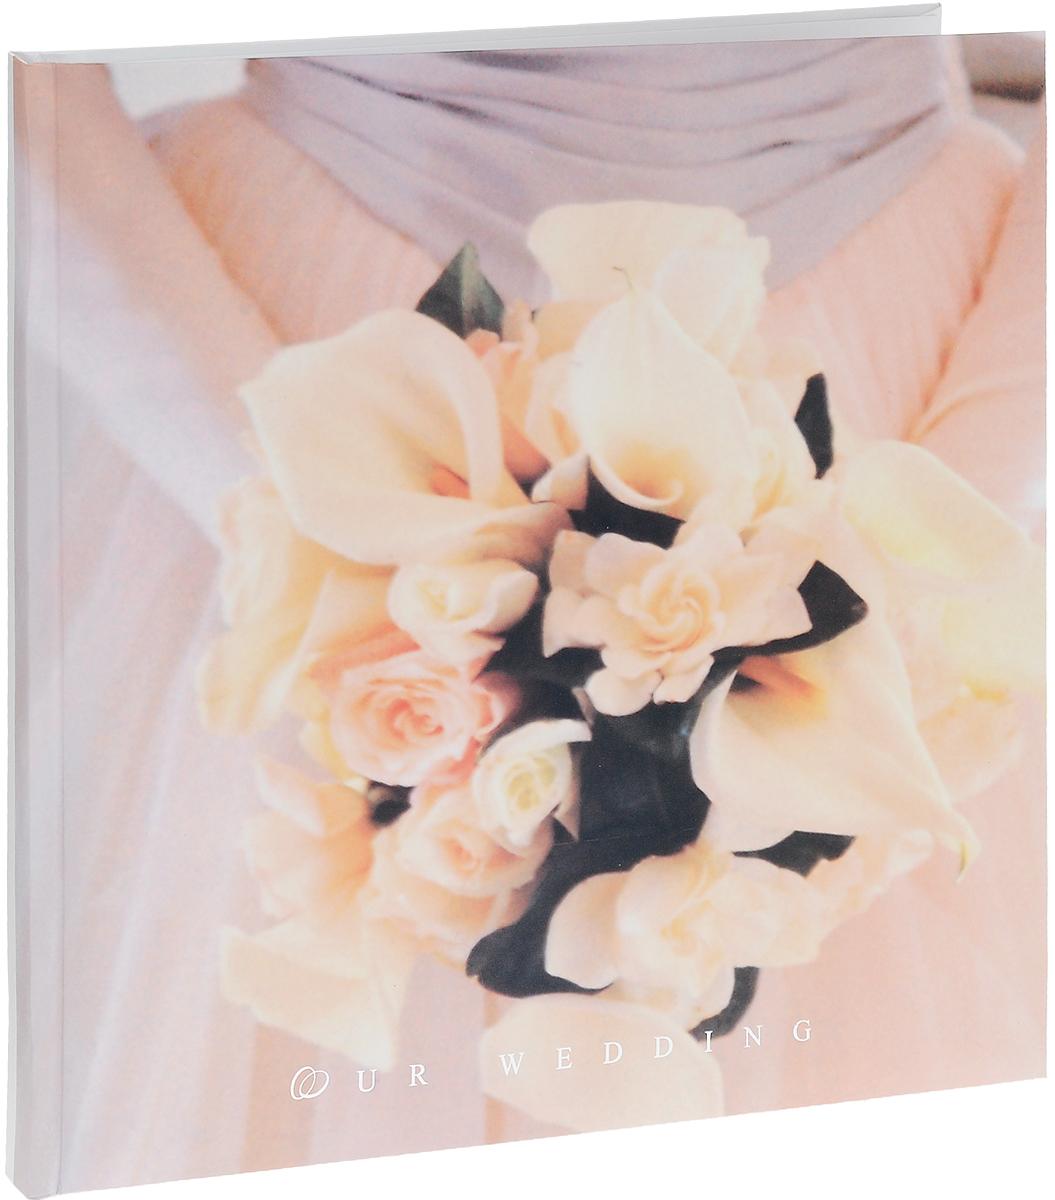 Фотоальбом Pioneer Wedding Love. Розы и каллы, 10 магнитных листов, 32 х 32 смPlatinum JW40-7 ГОРИЦИЯ-ЗОЛОТОЙ 21x30Фотоальбом Pioneer Wedding Love сохранит моменты ваших счастливых мгновений на своих страницах! Обложка, изготовленная из картона с клеевым покрытием, оформлена изображением букета цветов. Переплет книжный. Листы, выполненные из картона с пленкой ПВХ, декорированы изображением желтых и розовых роз. Такие магнитные листы удобны тем, что они позволяют размещать фотографии разных размеров. Магнитные страницы обладают следующими преимуществами: - Не нужно прикладывать усилий для закрепления фотографий; - Не нужно заботиться о размерах фотографий, так как вы можете вставить в альбом фотографии разных размеров (максимальный размер фотографии 31,5 х 31,7 см).Нам всегда так приятно вспоминать о самых счастливых моментах жизни, запечатленных на фотографиях. Поэтому фотоальбом является универсальным подарком к любому празднику. Вашим родным, близким и просто знакомым будет приятно помещать фотографии в этот альбом.Количество листов: 10 шт.Размер листа: 32 х 32 см.